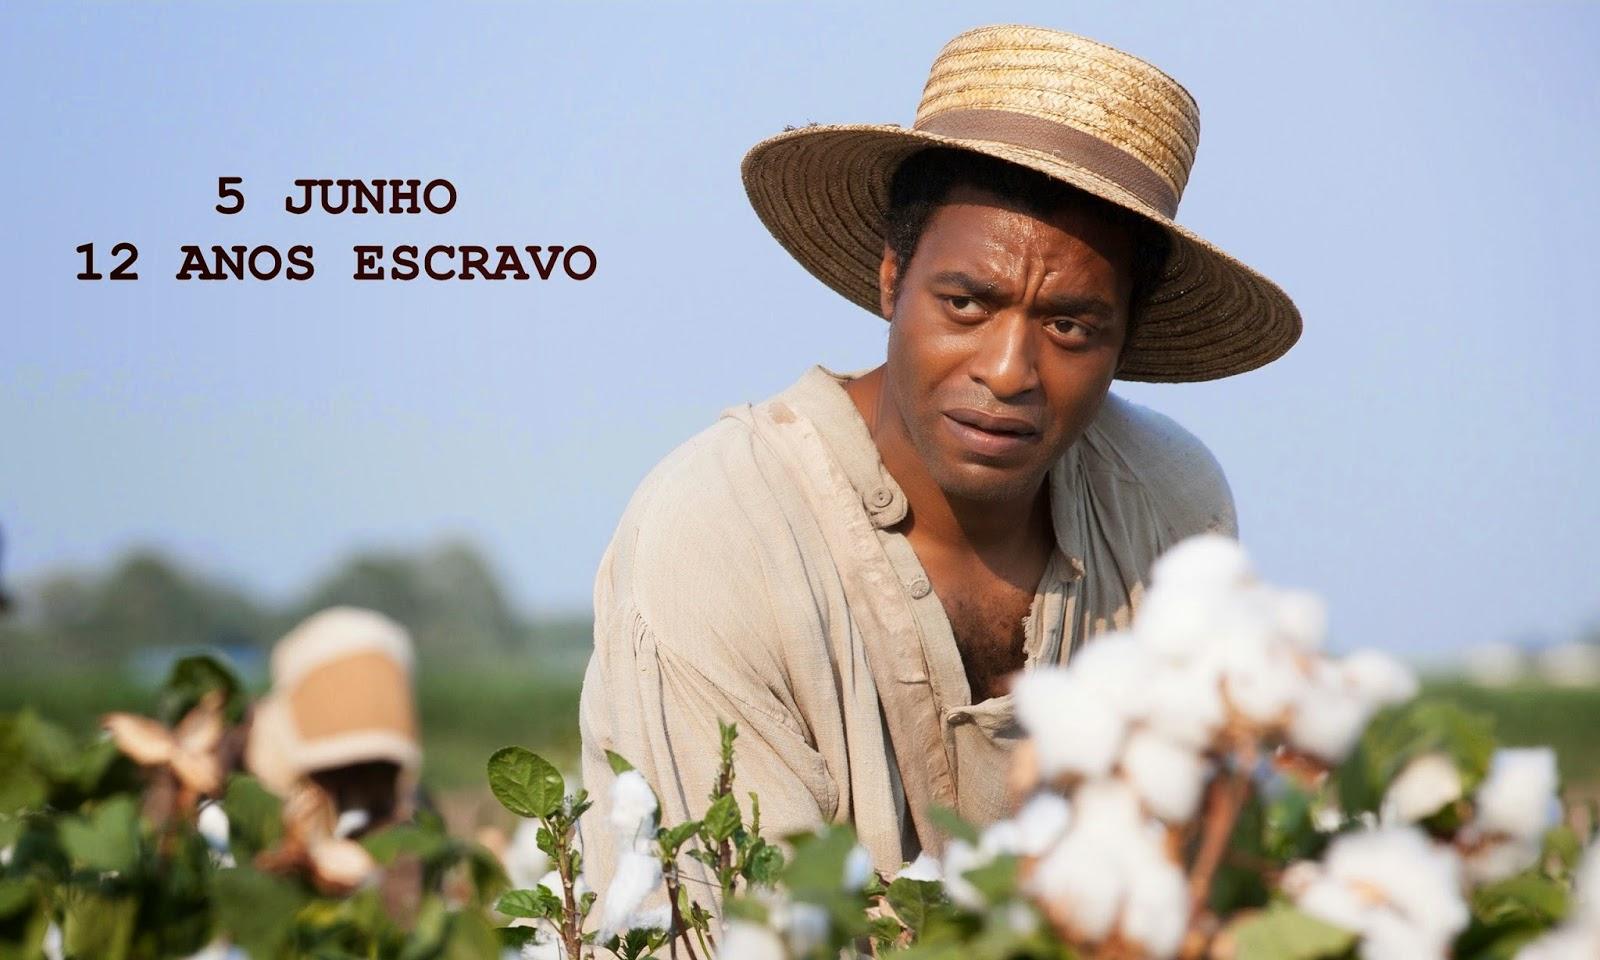 12 Anos Escravo